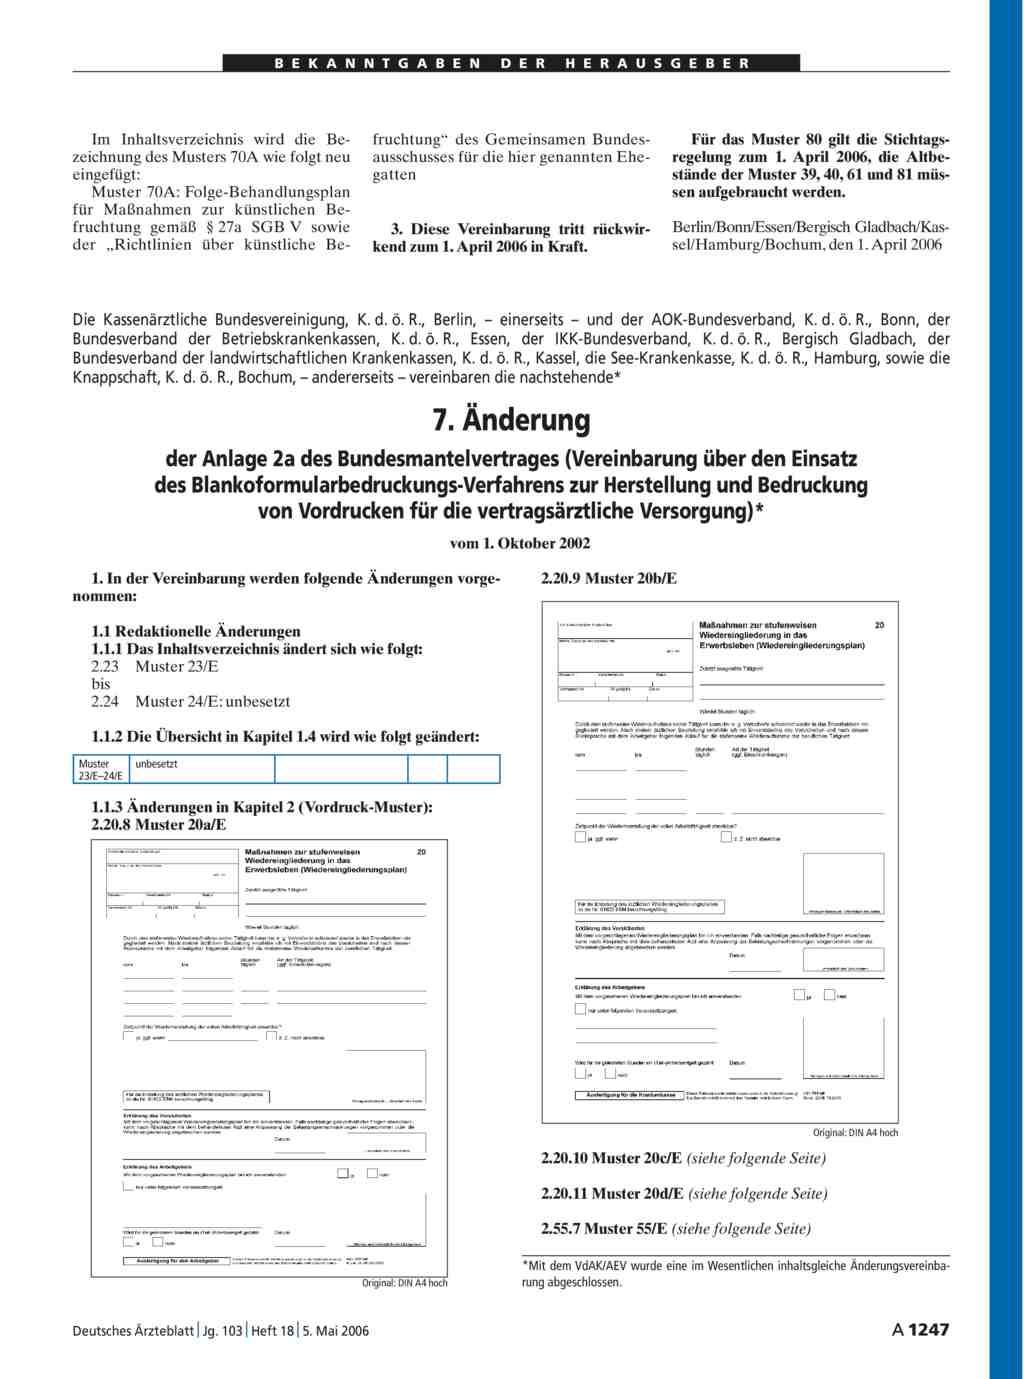 Schön Sponsorvereinbarung Vorlage Galerie - Beispiel Wiederaufnahme ...